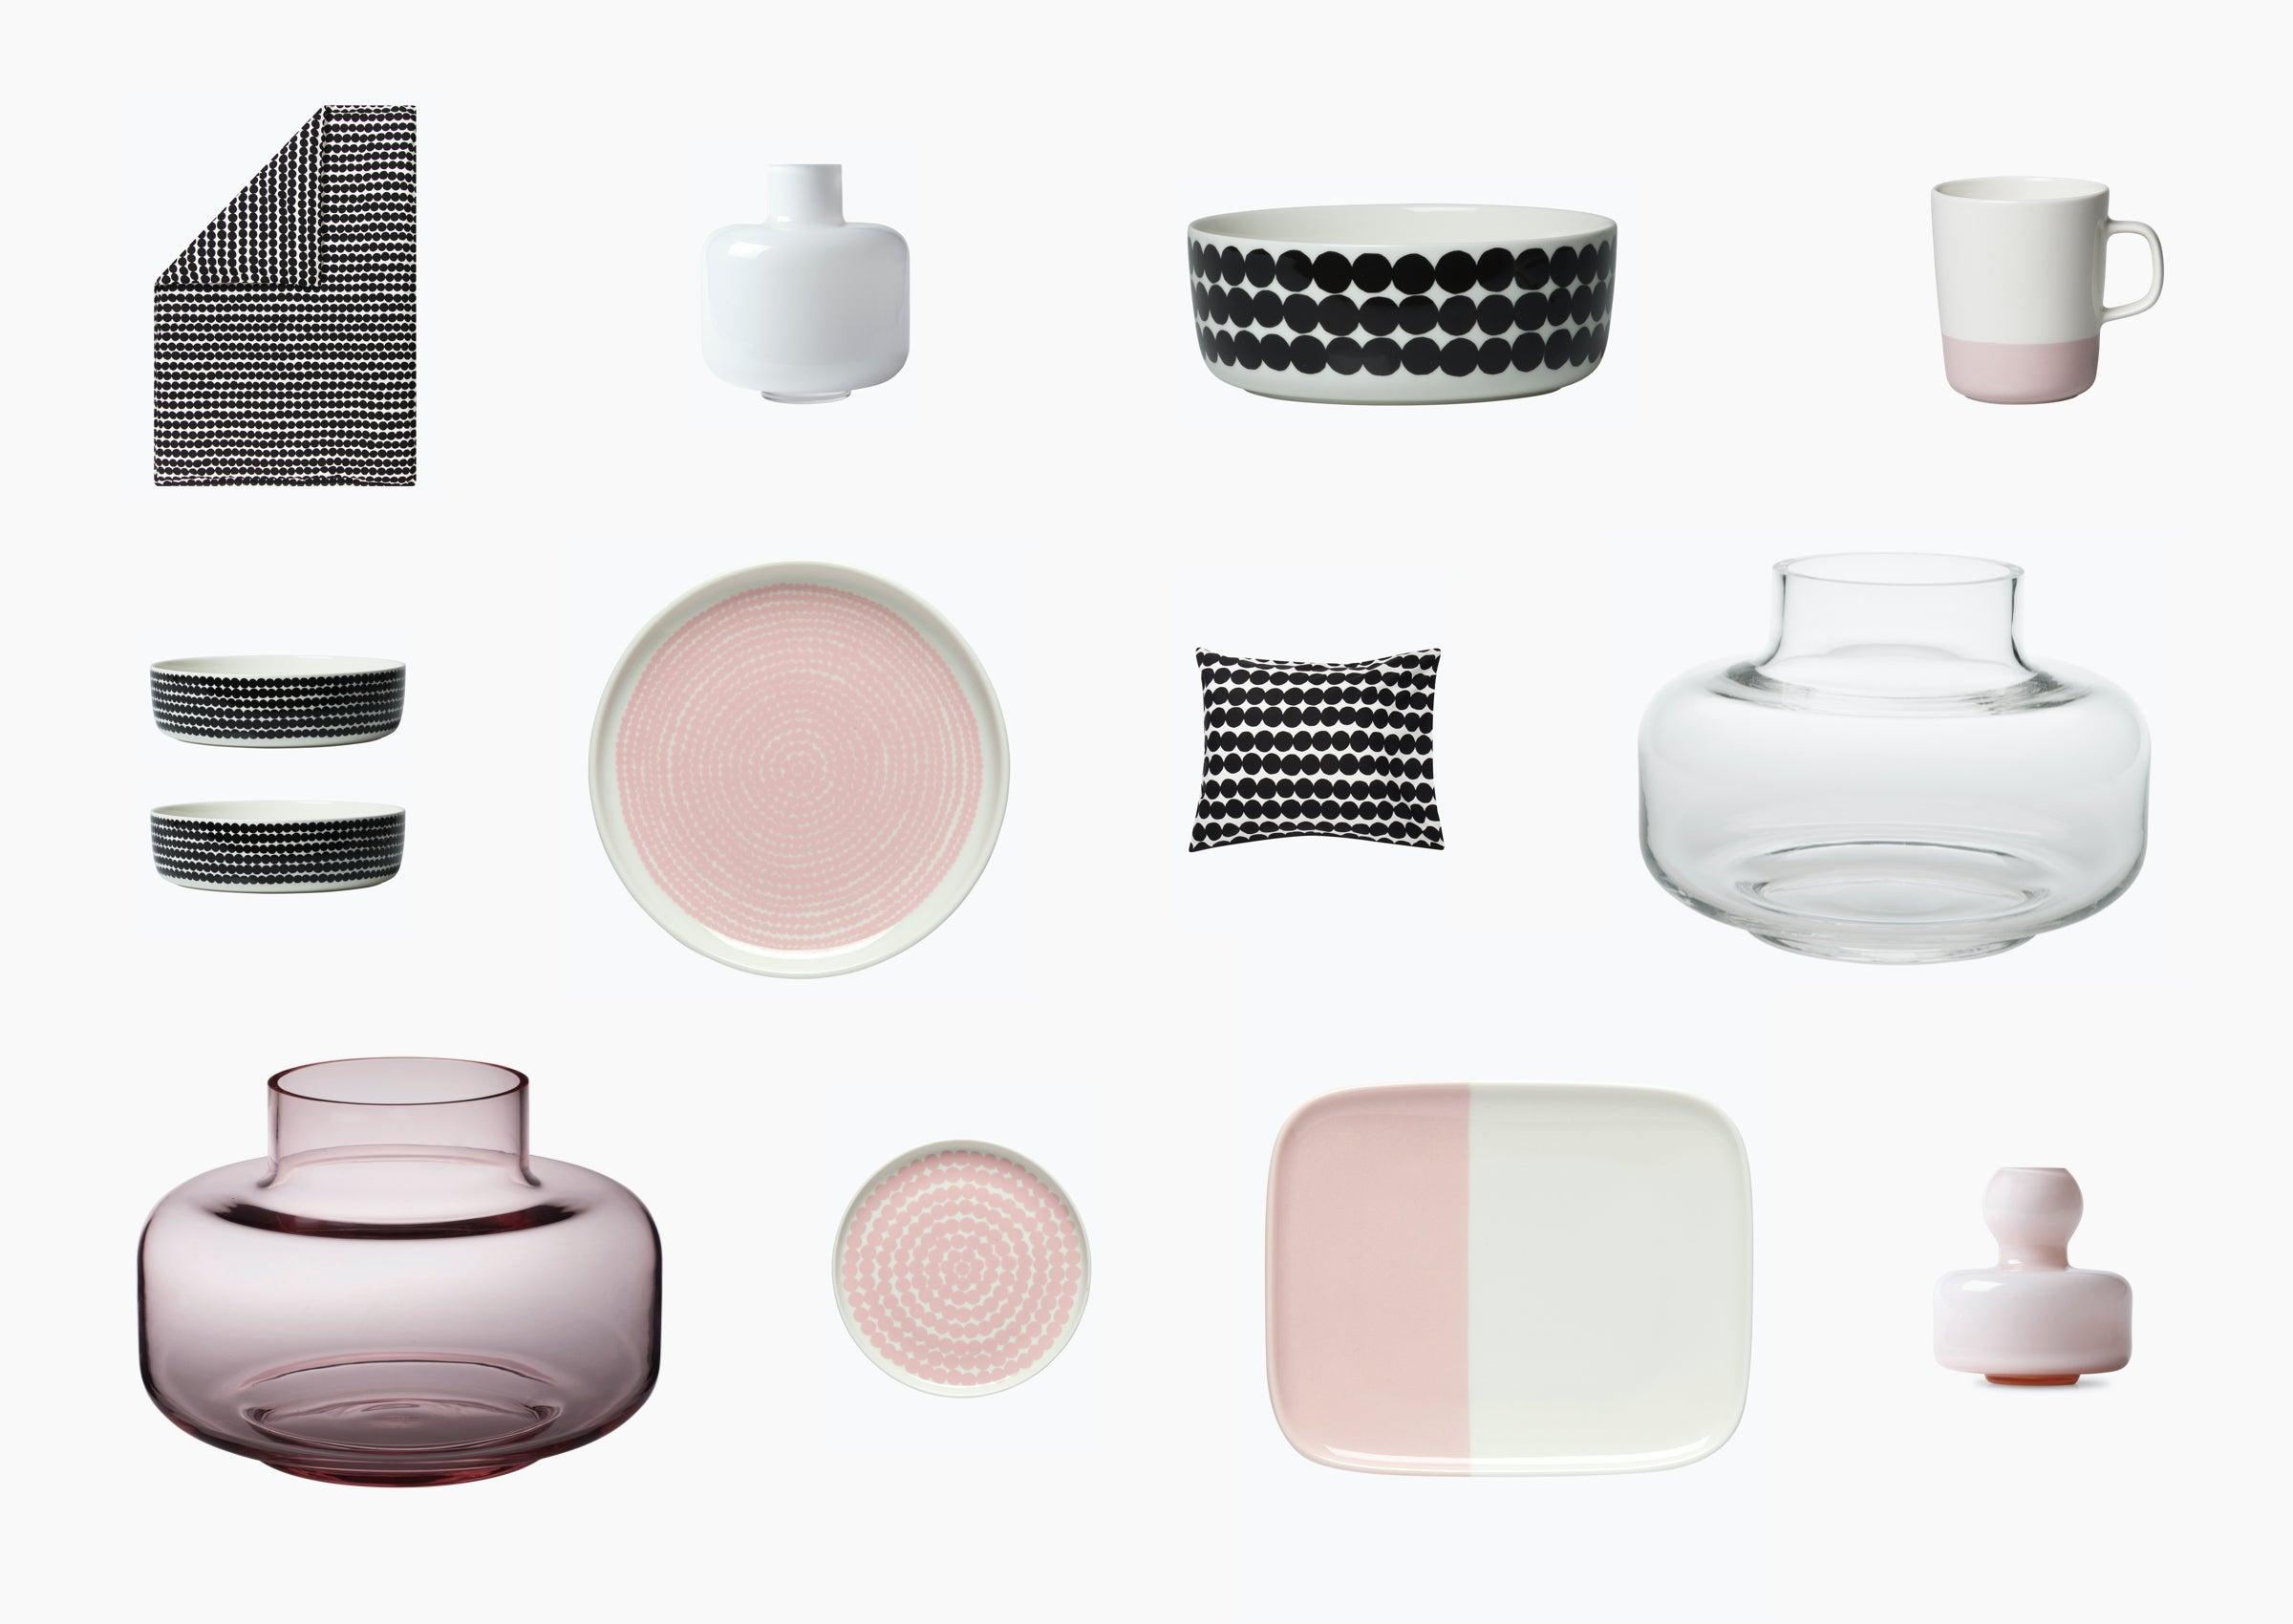 Marimekko gift ideas